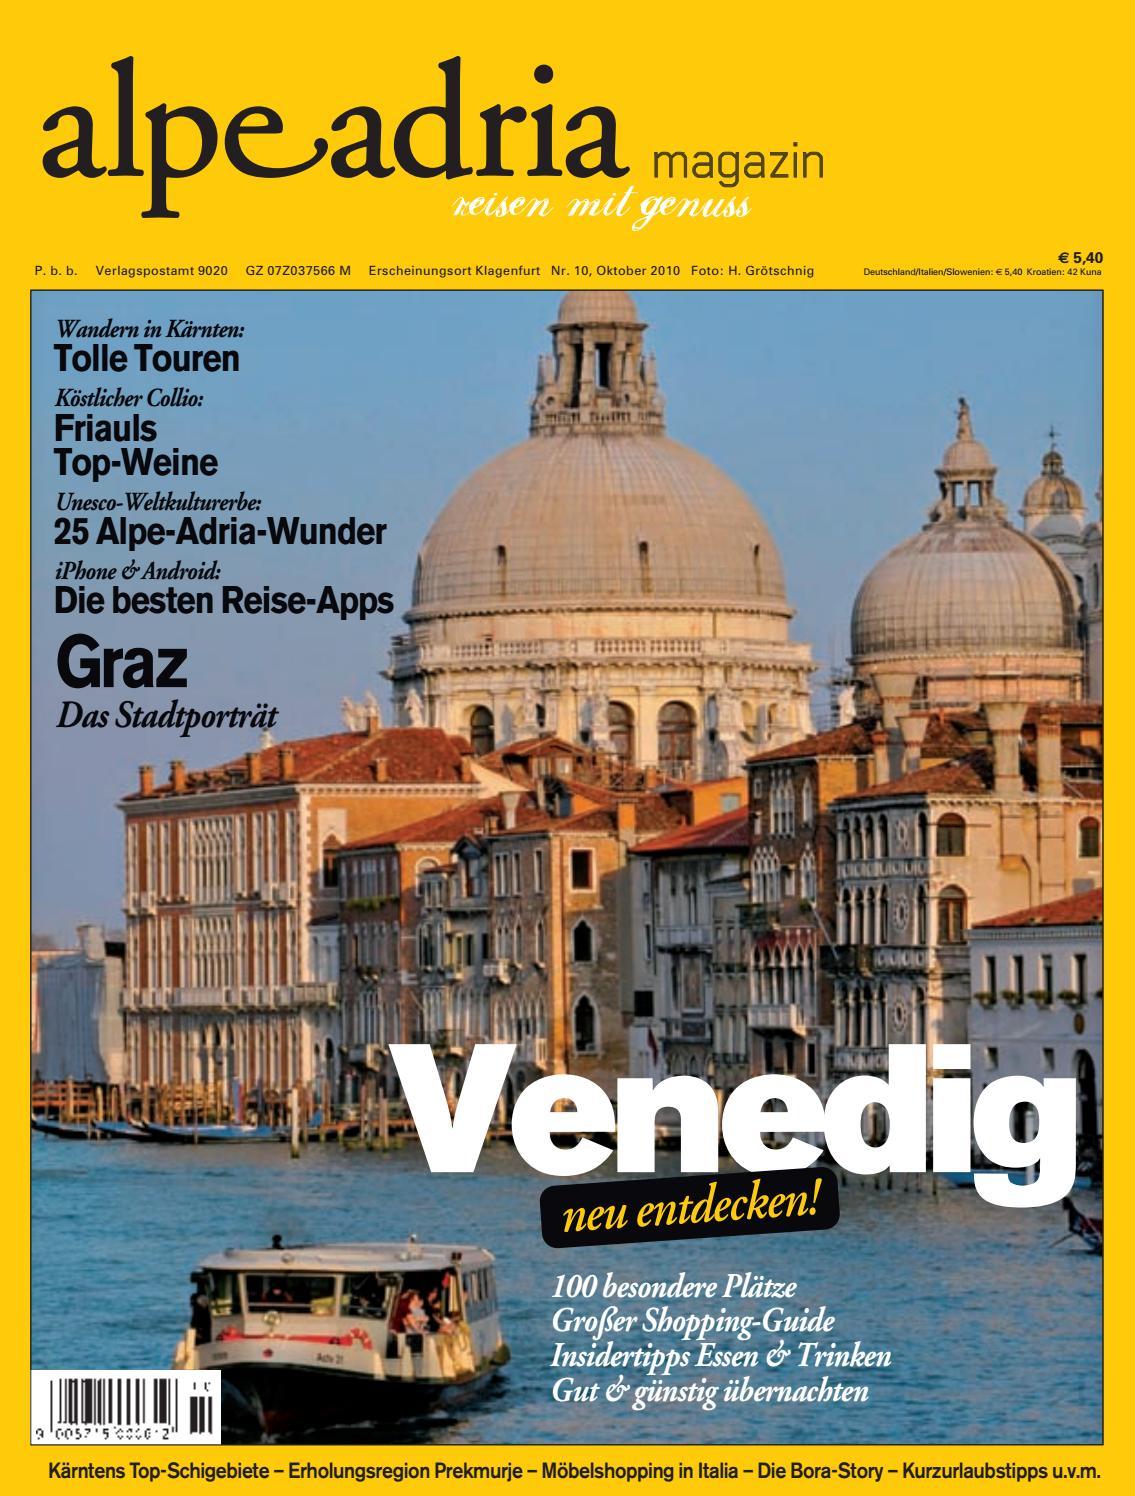 Alpe Adria Magazin (AAM 10) Oktober 2010 by Bundesländerinnen - issuu